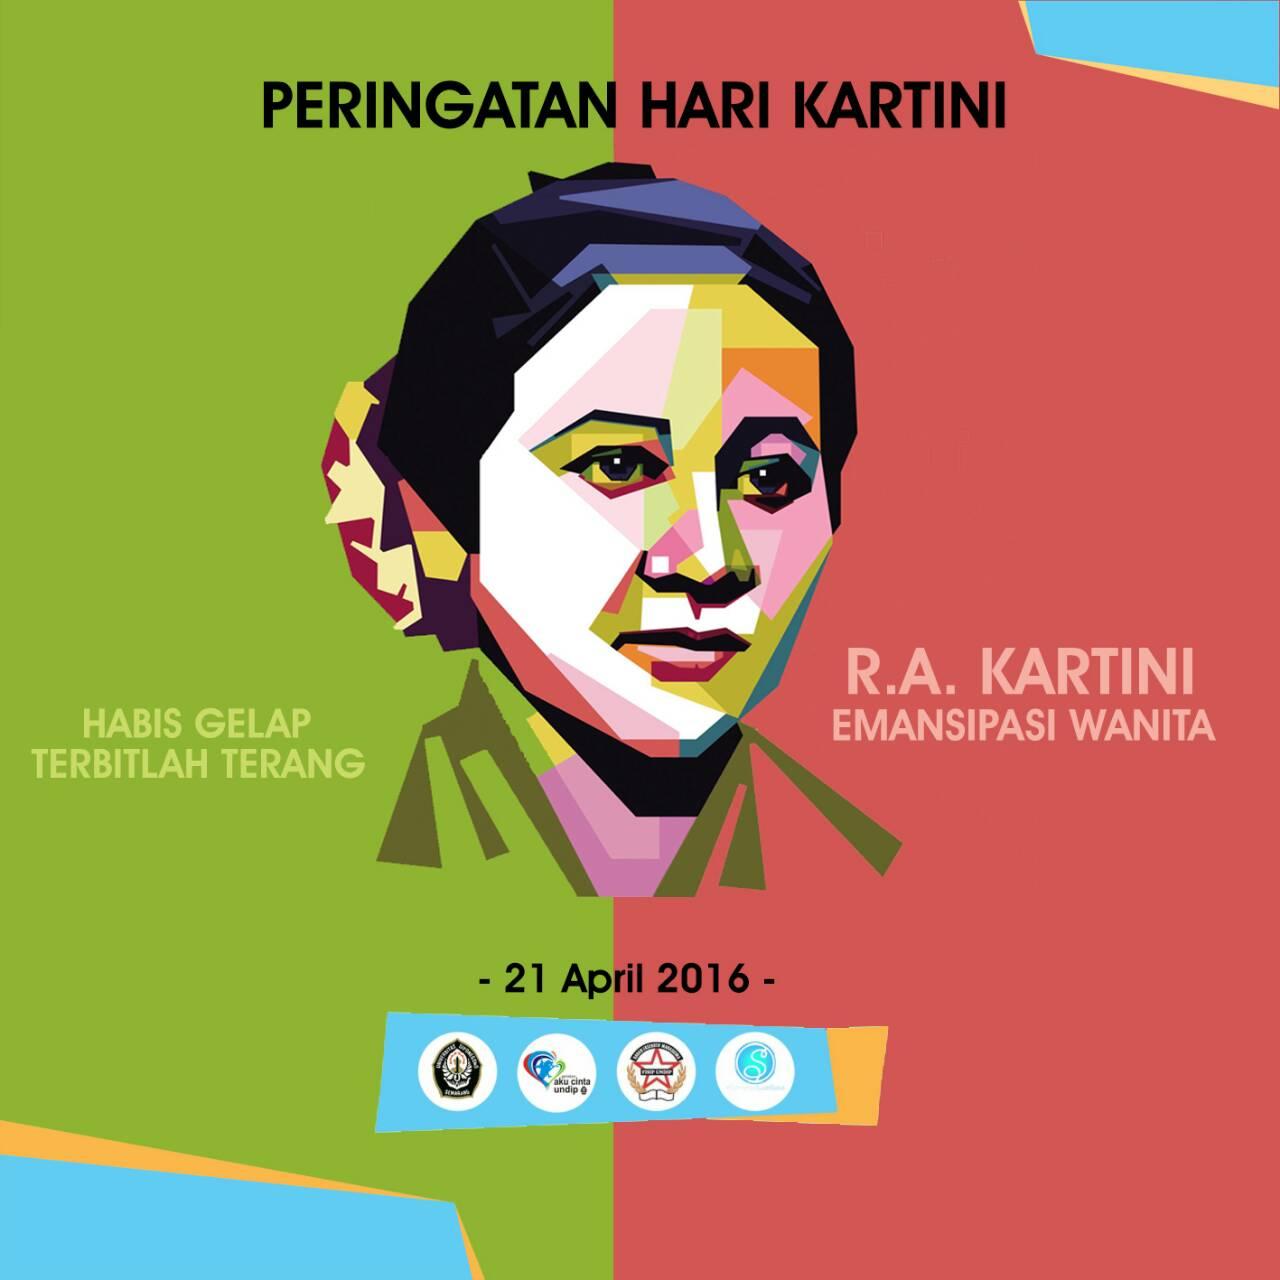 Contoh Unik Ucapan Selamat Hari Kartini 2019 Ala Model Kini